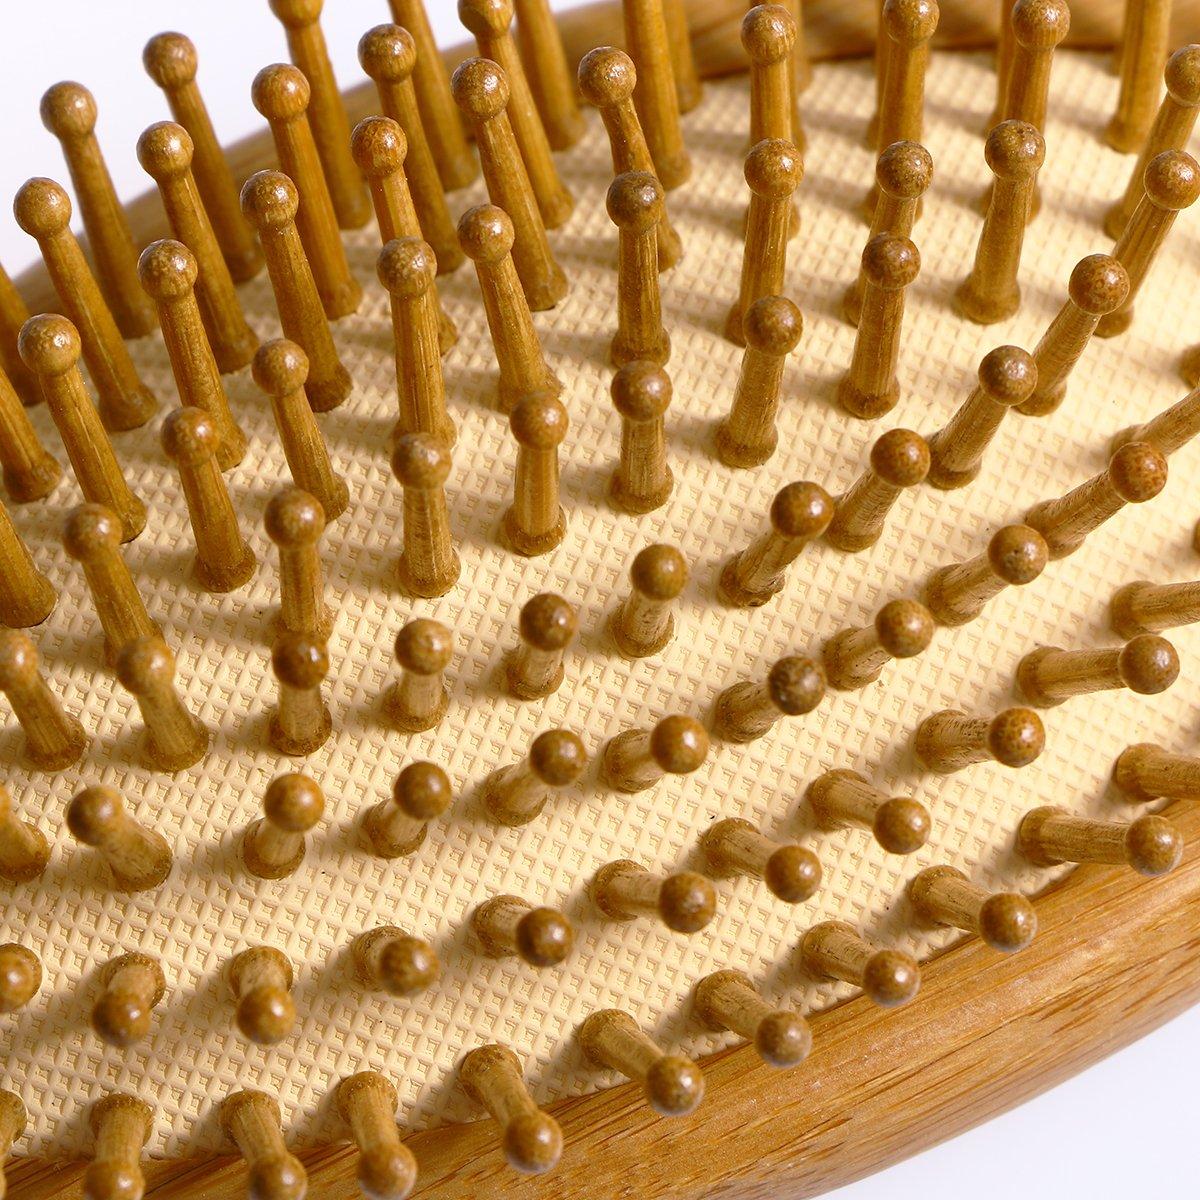 ROSENICE Cepillo de pelo natural de bambú peine cepillo de cuero cabelludo  masaje para el cuidado del cabello  Amazon.es  Salud y cuidado personal 13ba3dde0899